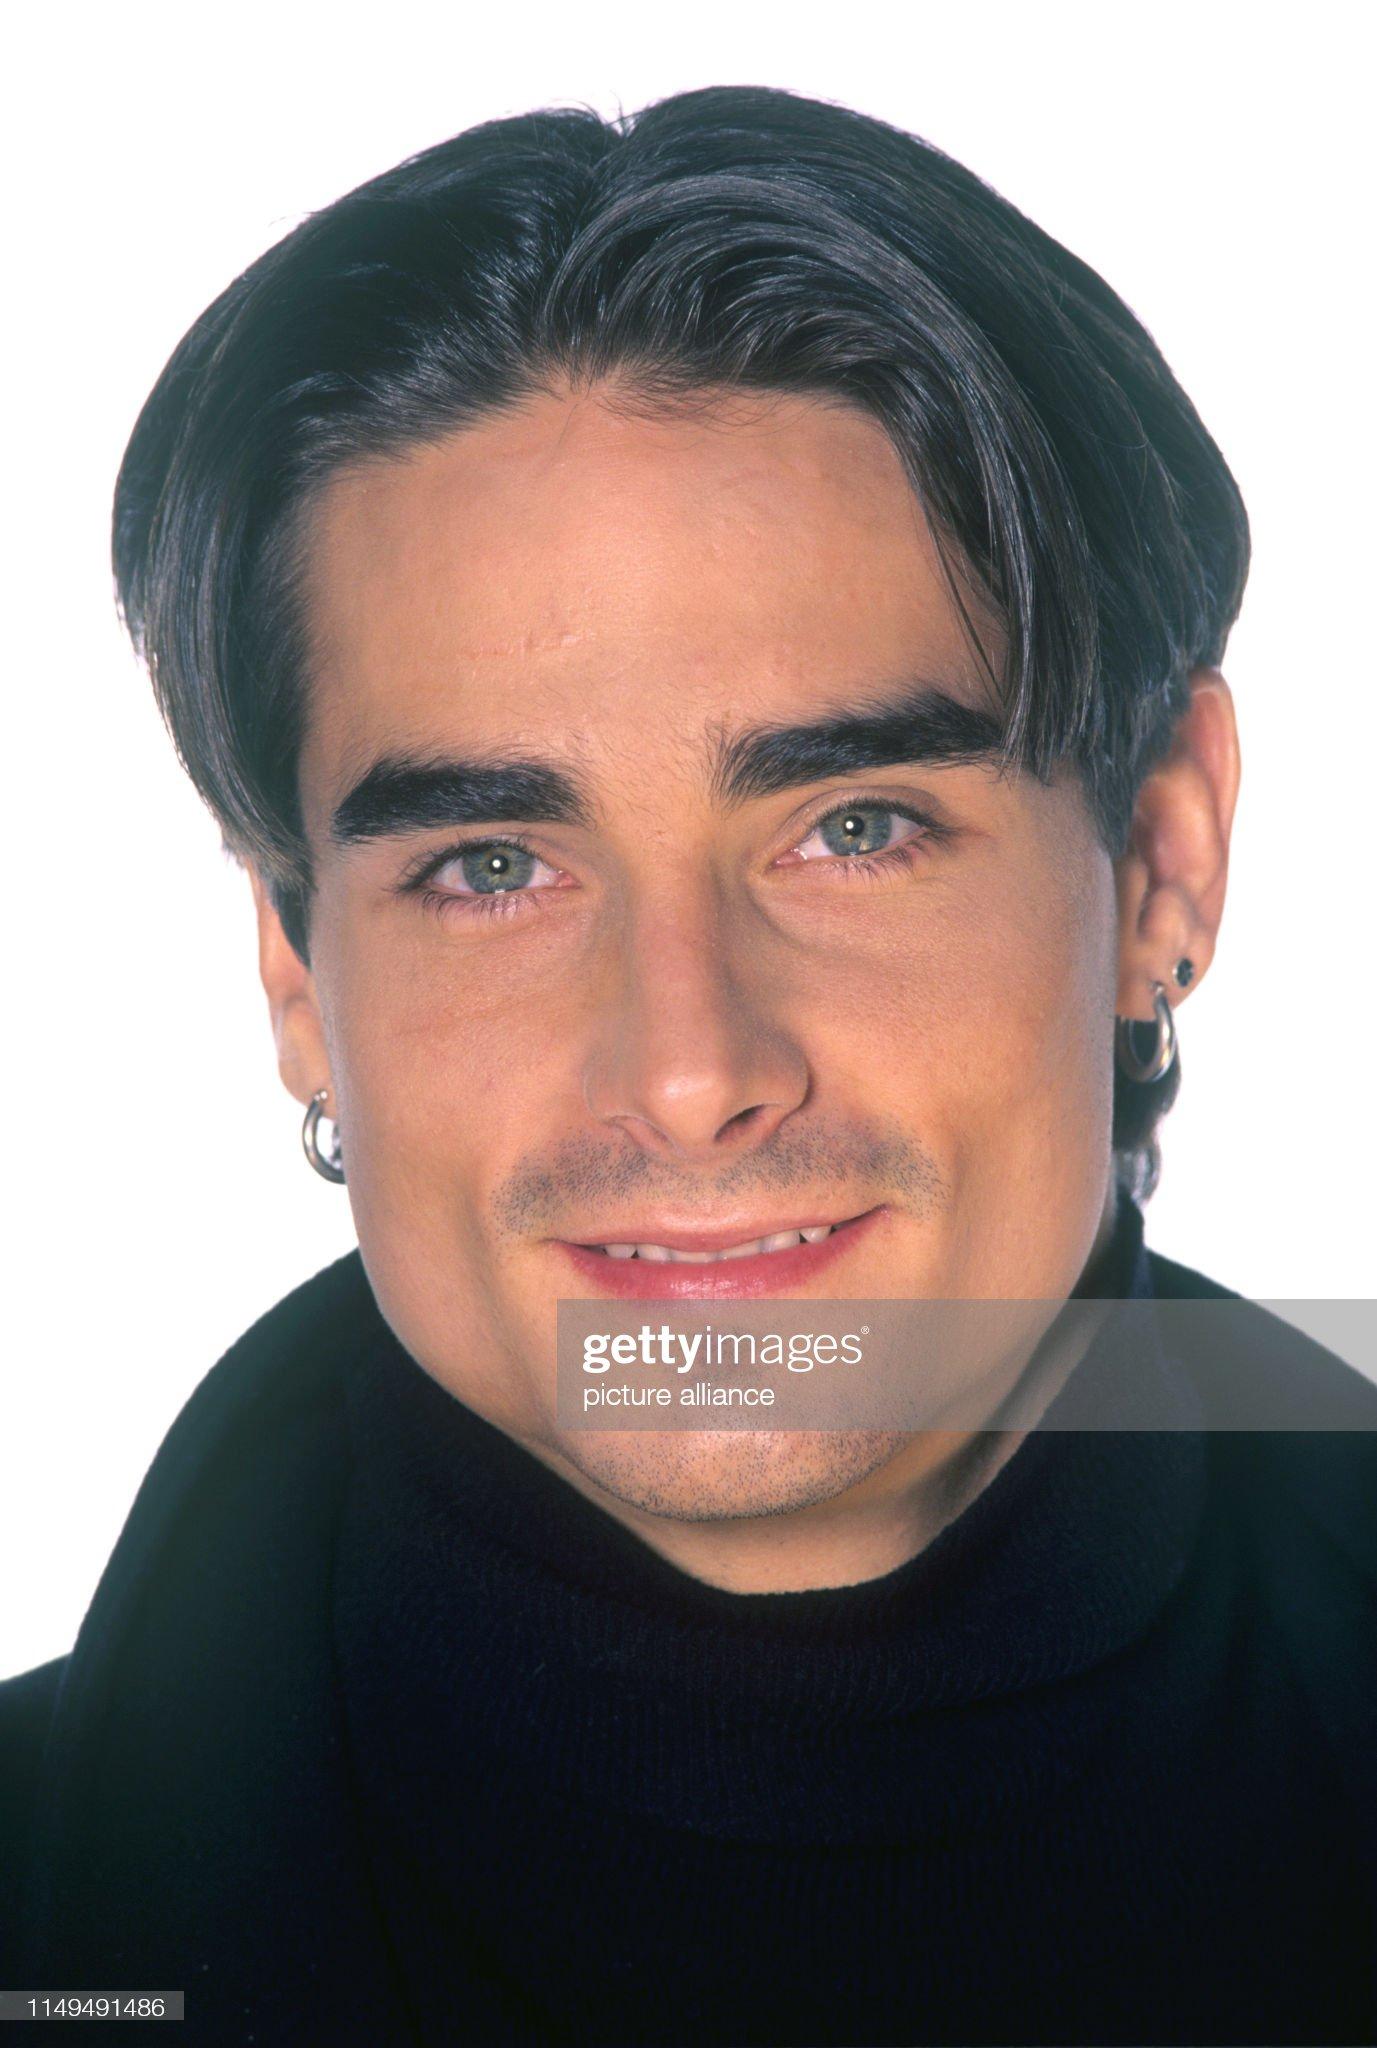 Ojos verdes - Famosas y famosos con los ojos de color VERDE Kevin-richardson-on-27121995-in-sindelfingen-picture-id1149491486?s=2048x2048